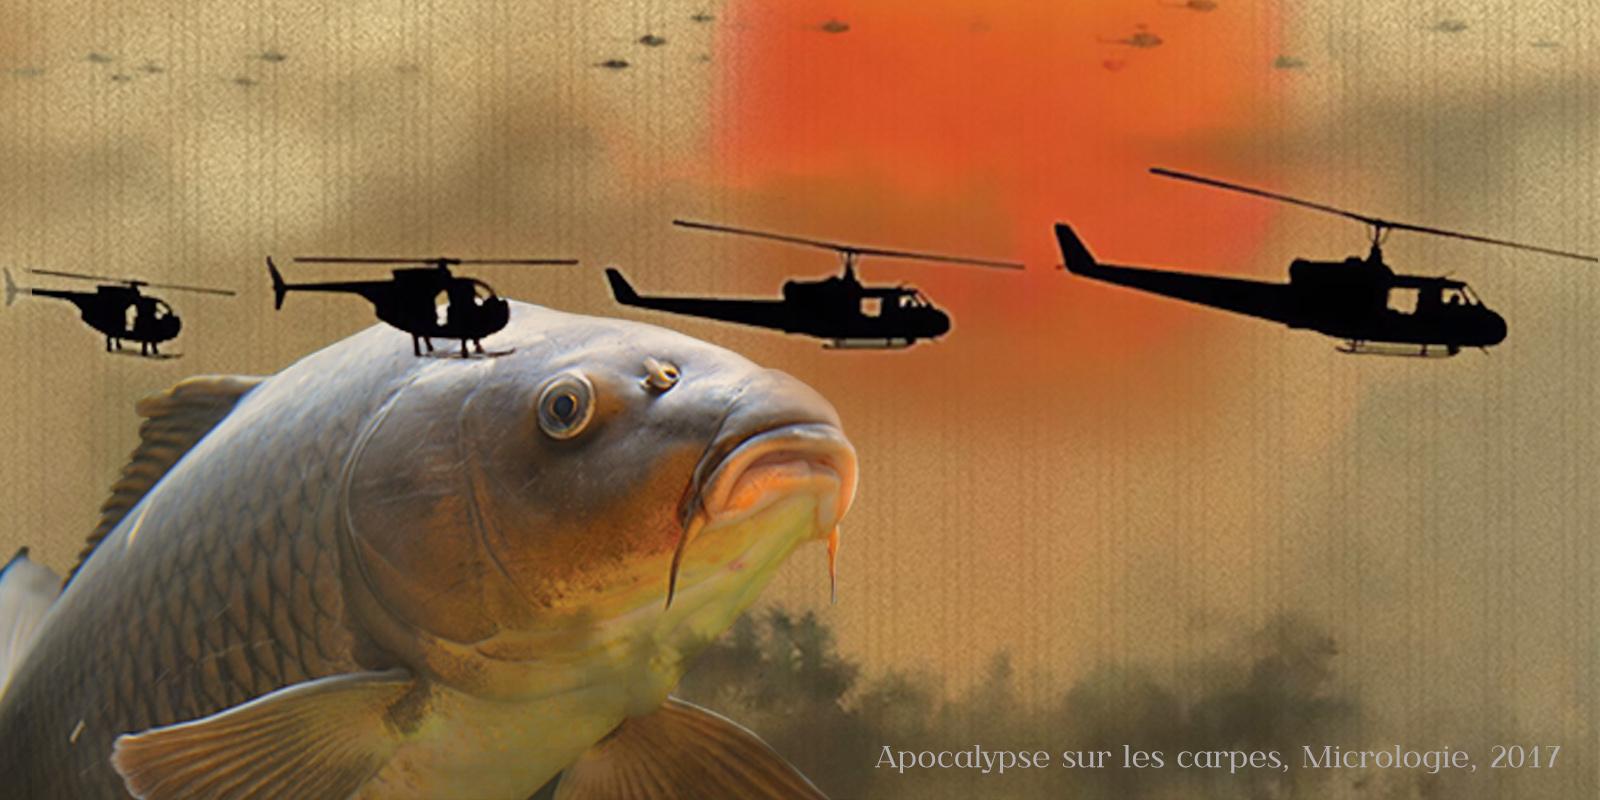 Apocalypse sur les carpes, micrologie